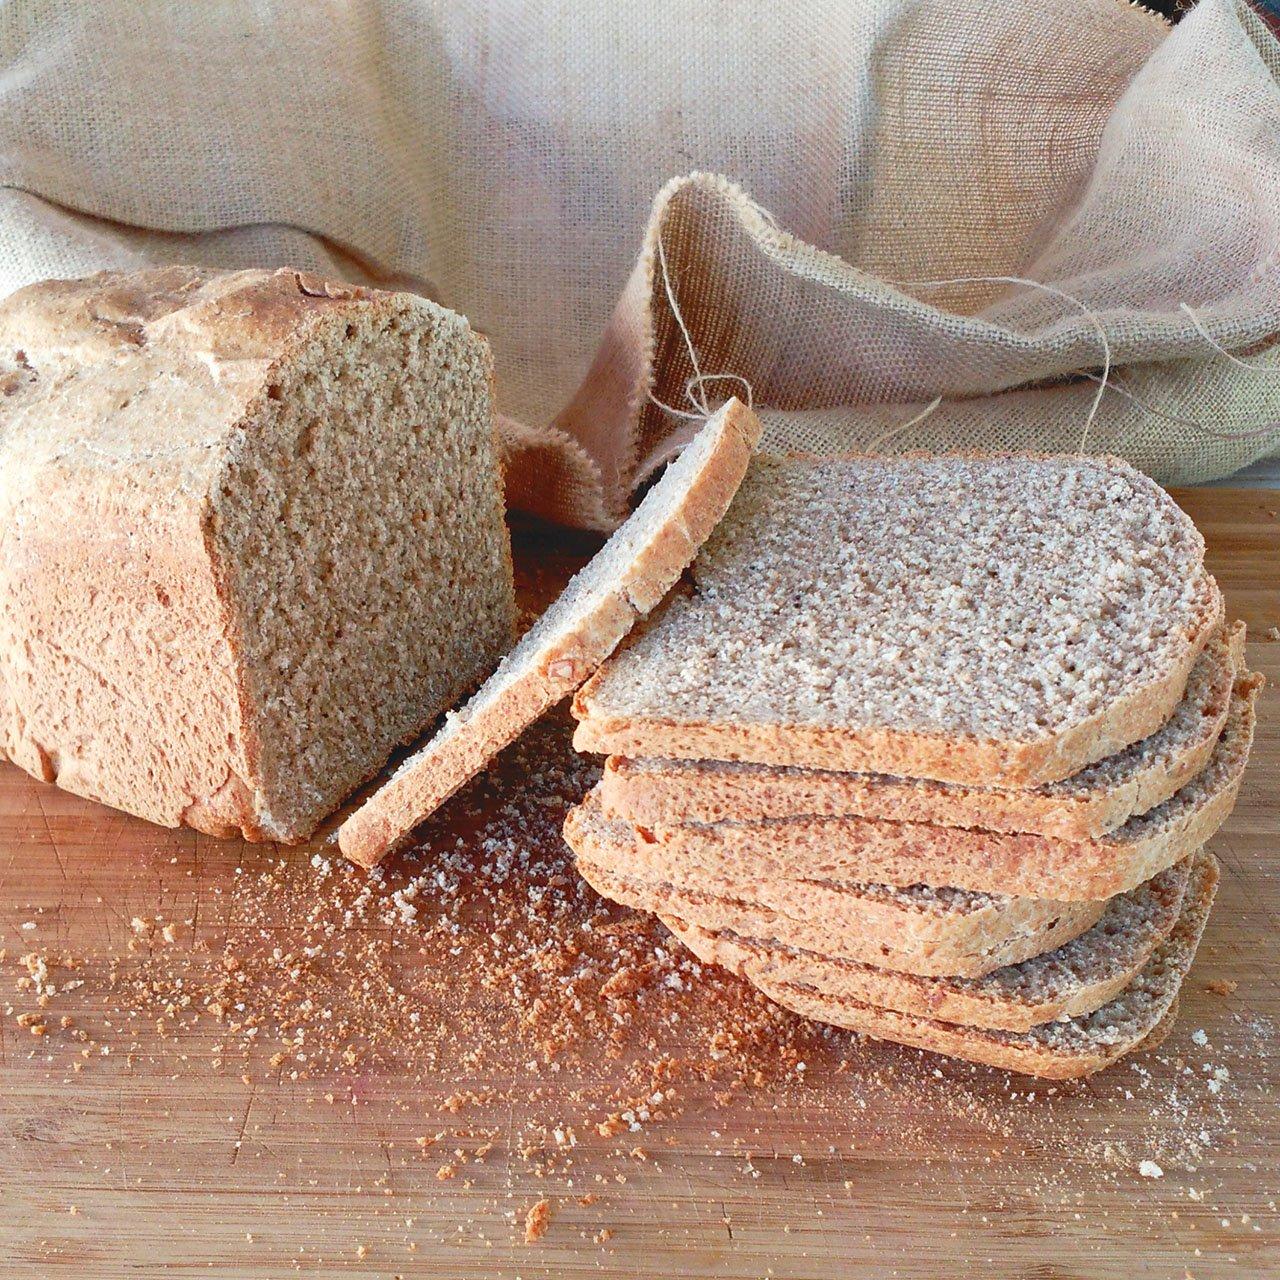 Pan de espelta integral con semillas (Panificadora)